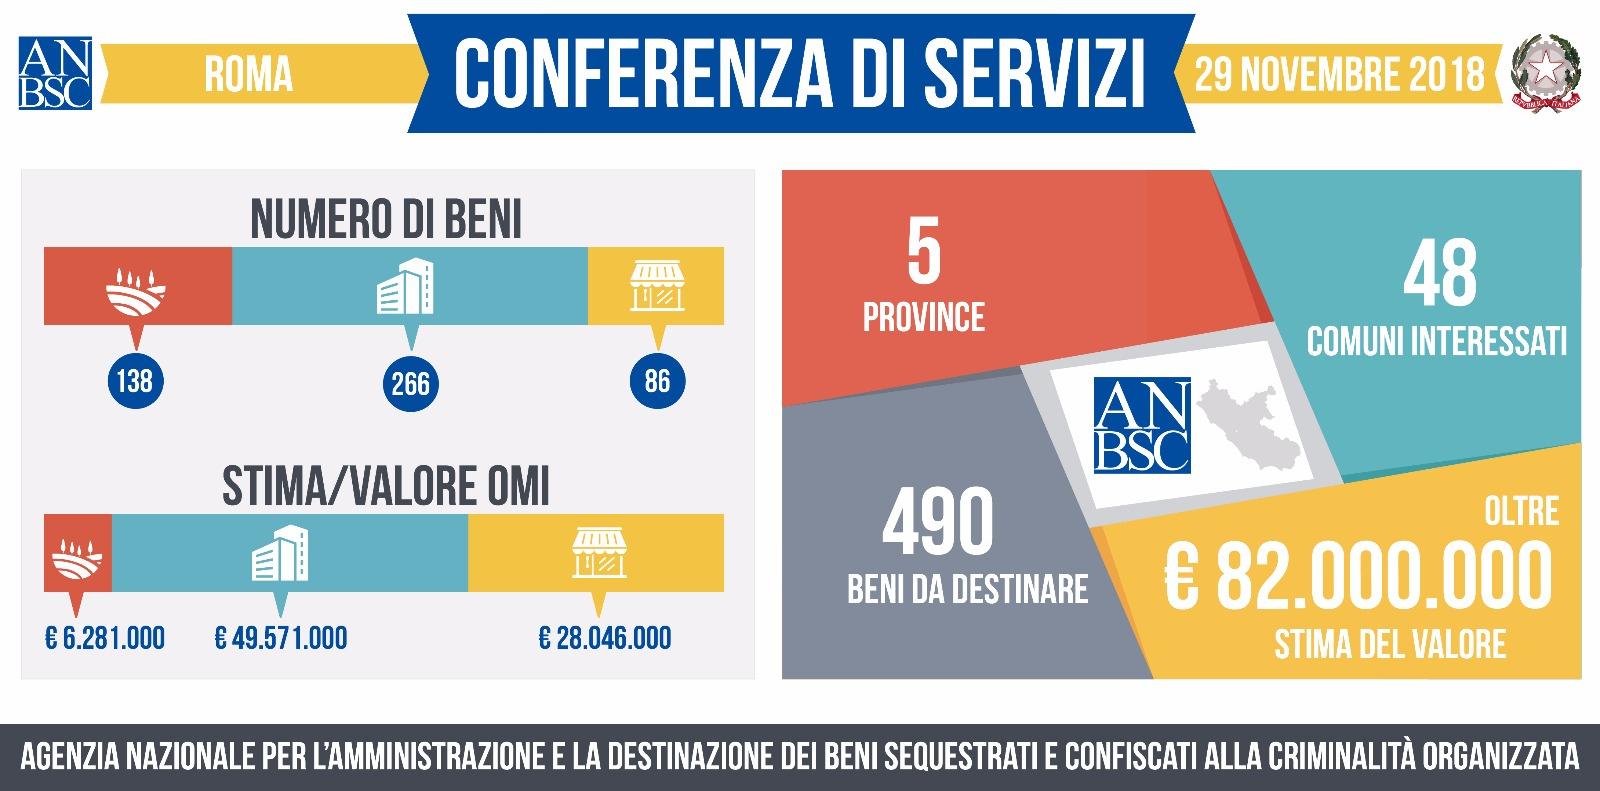 Conferenza di Servizi del Lazio